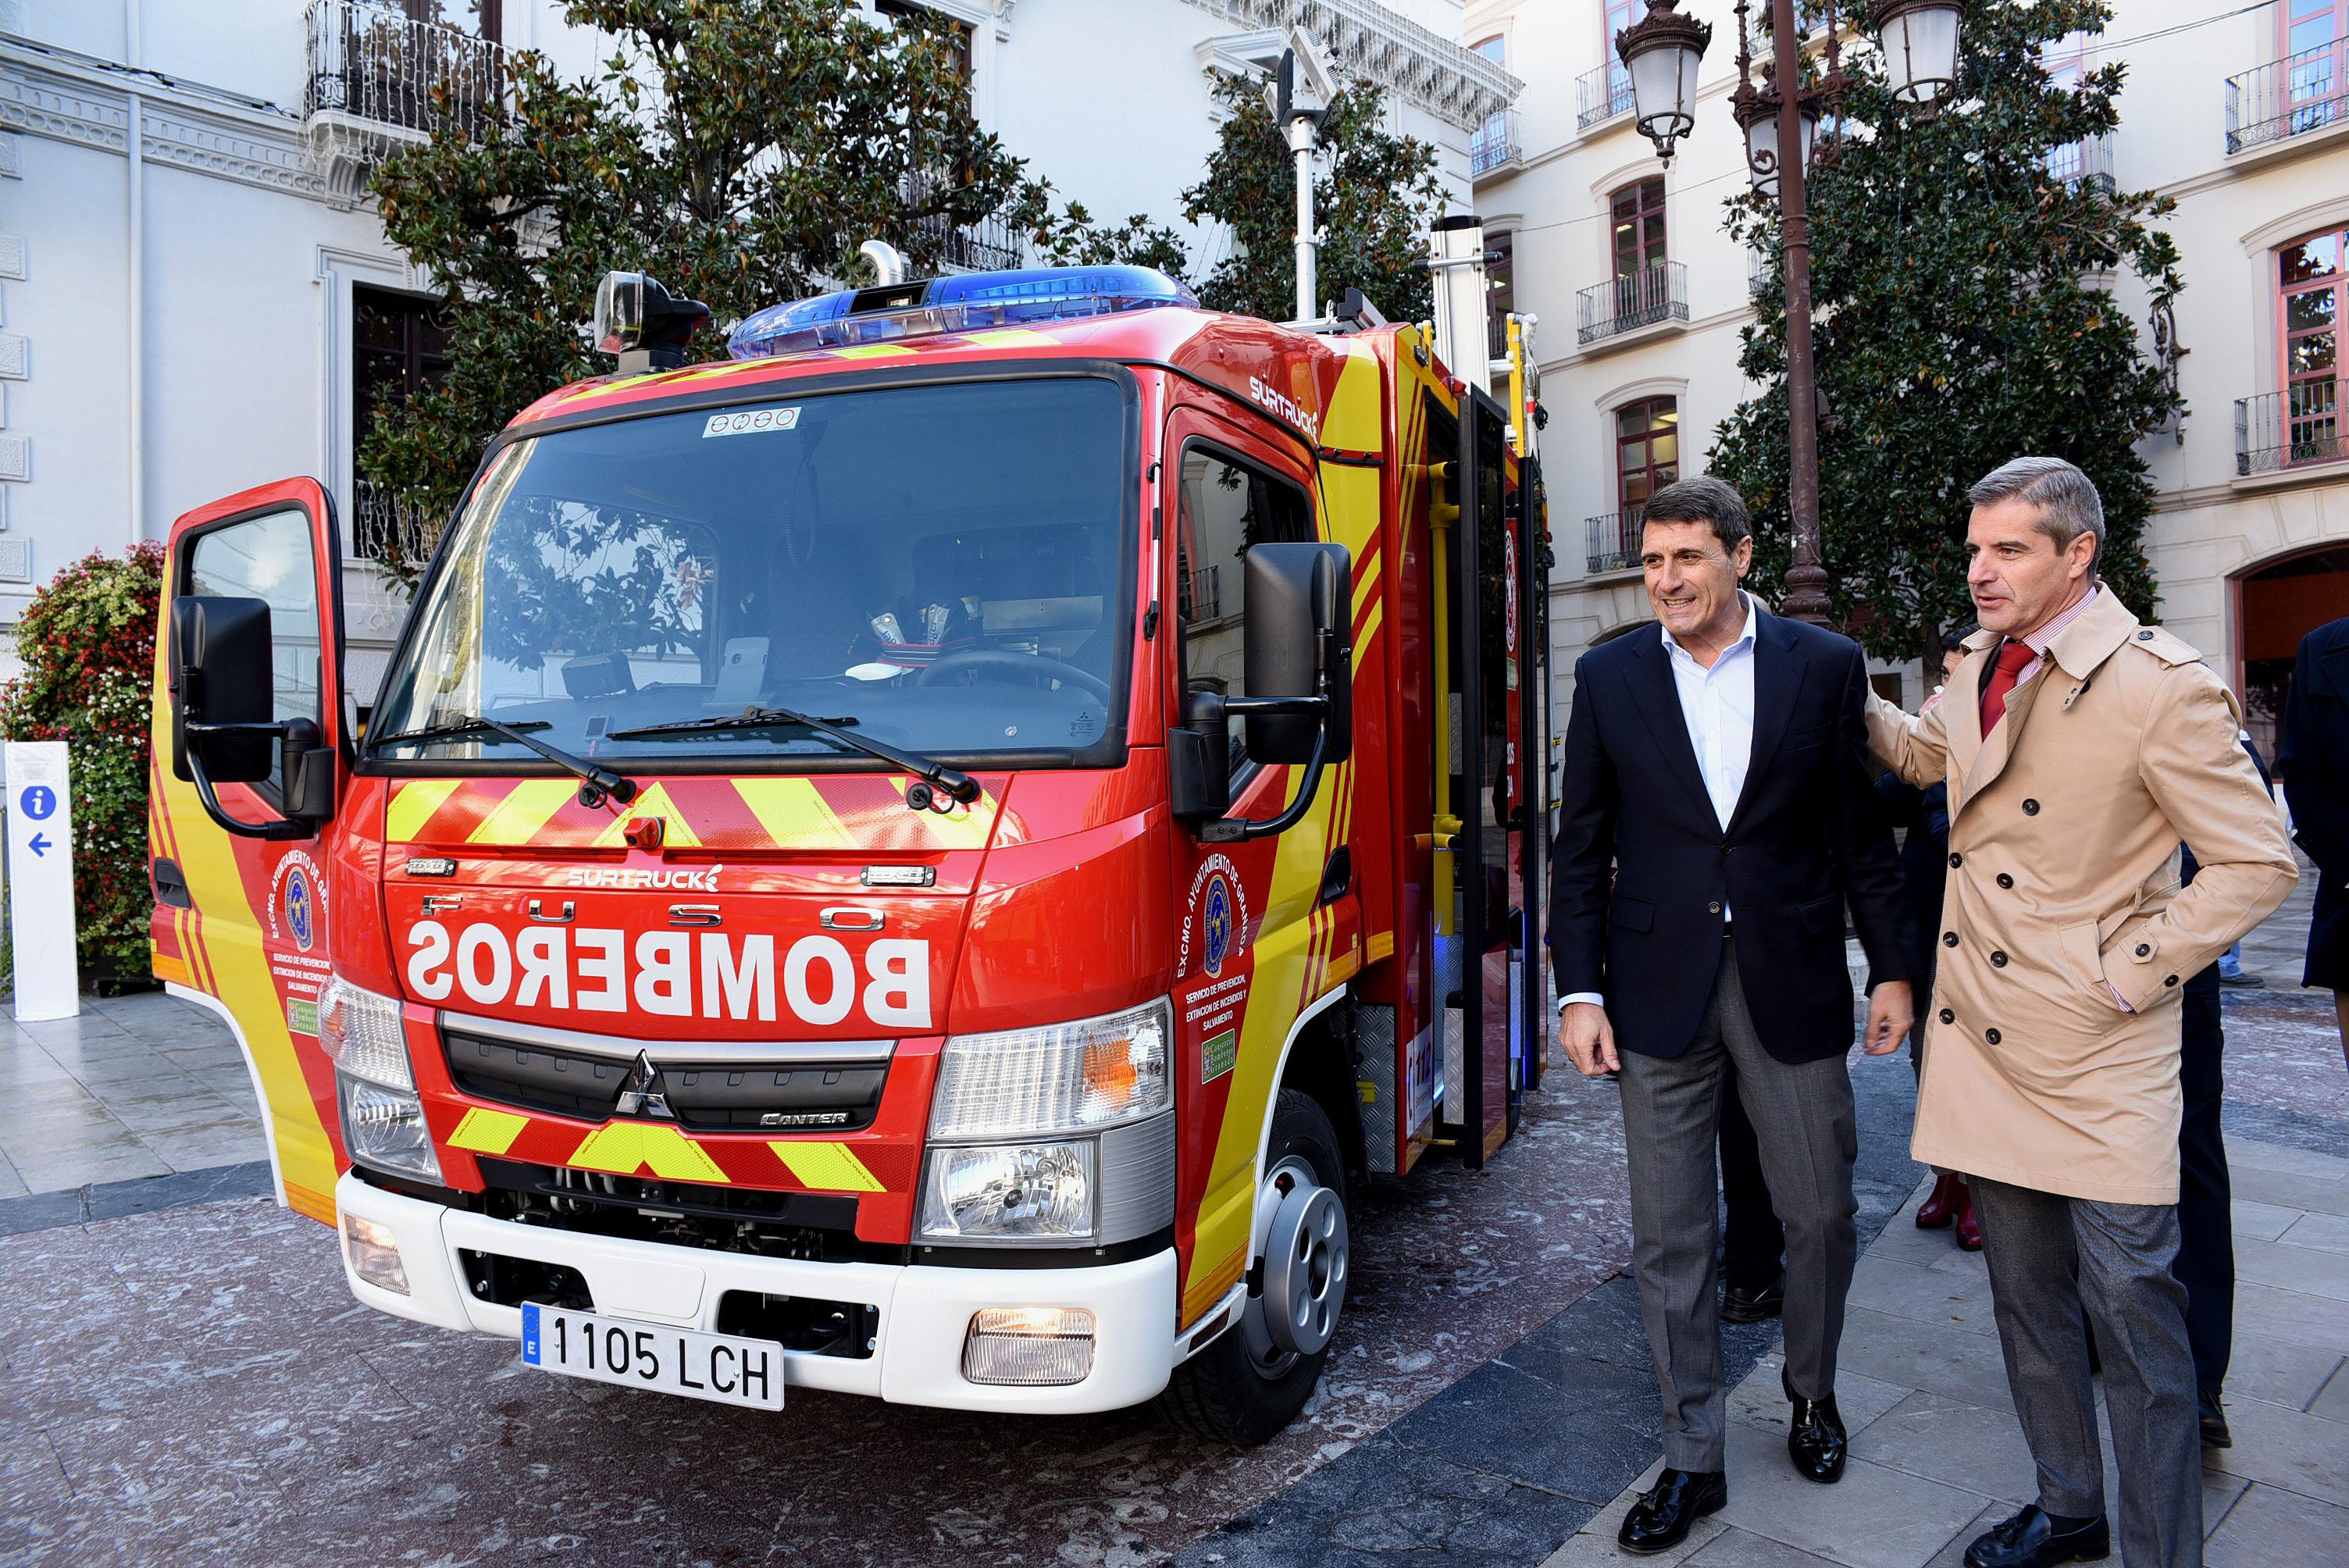 Los bomberos estrenan dos vehículos de pequeñas dimensiones para asistencia en barrios históricos